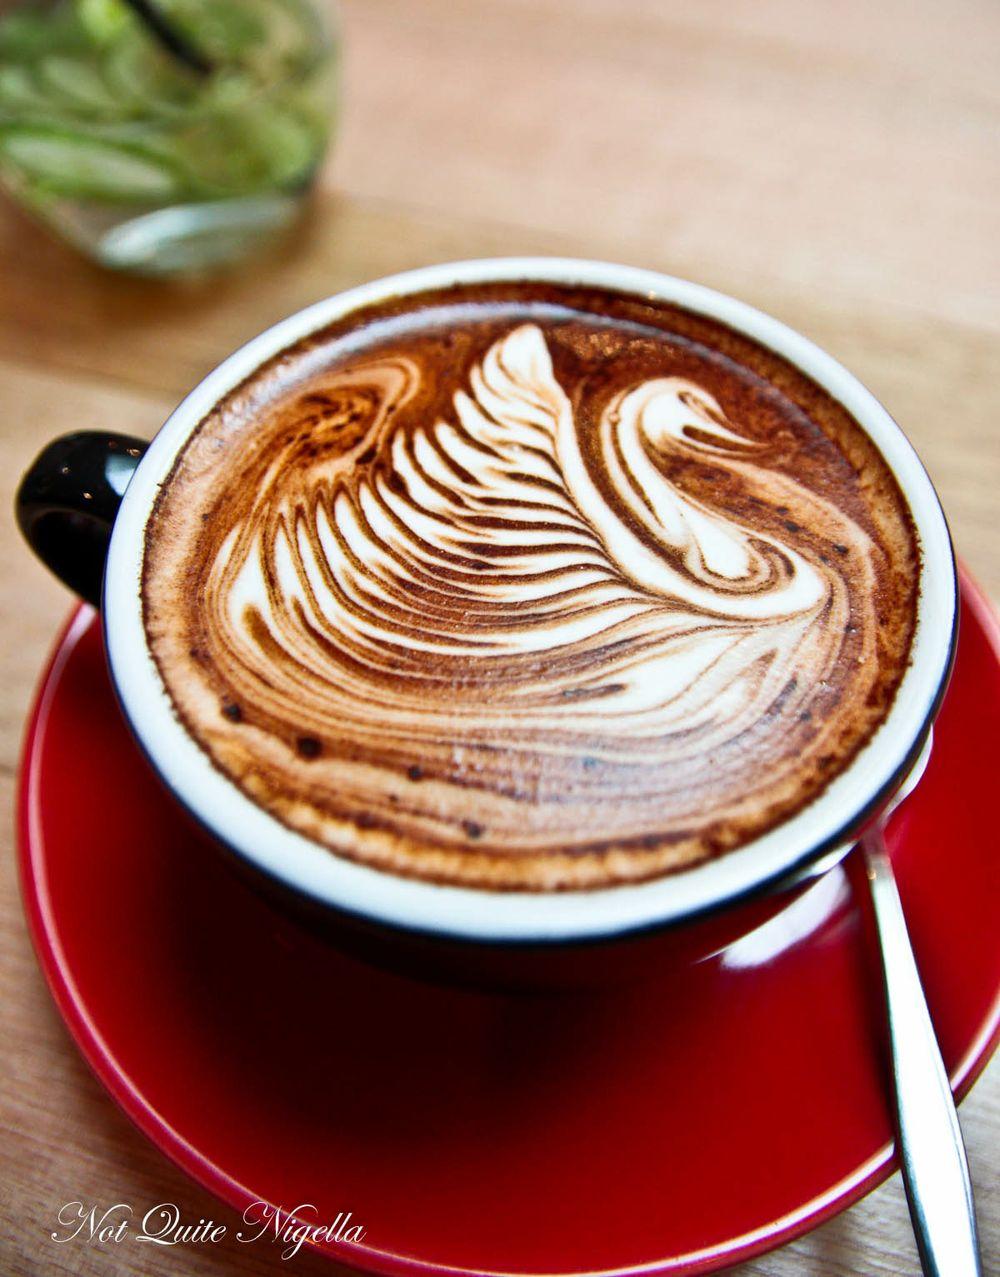 yoda-cafe-11-2